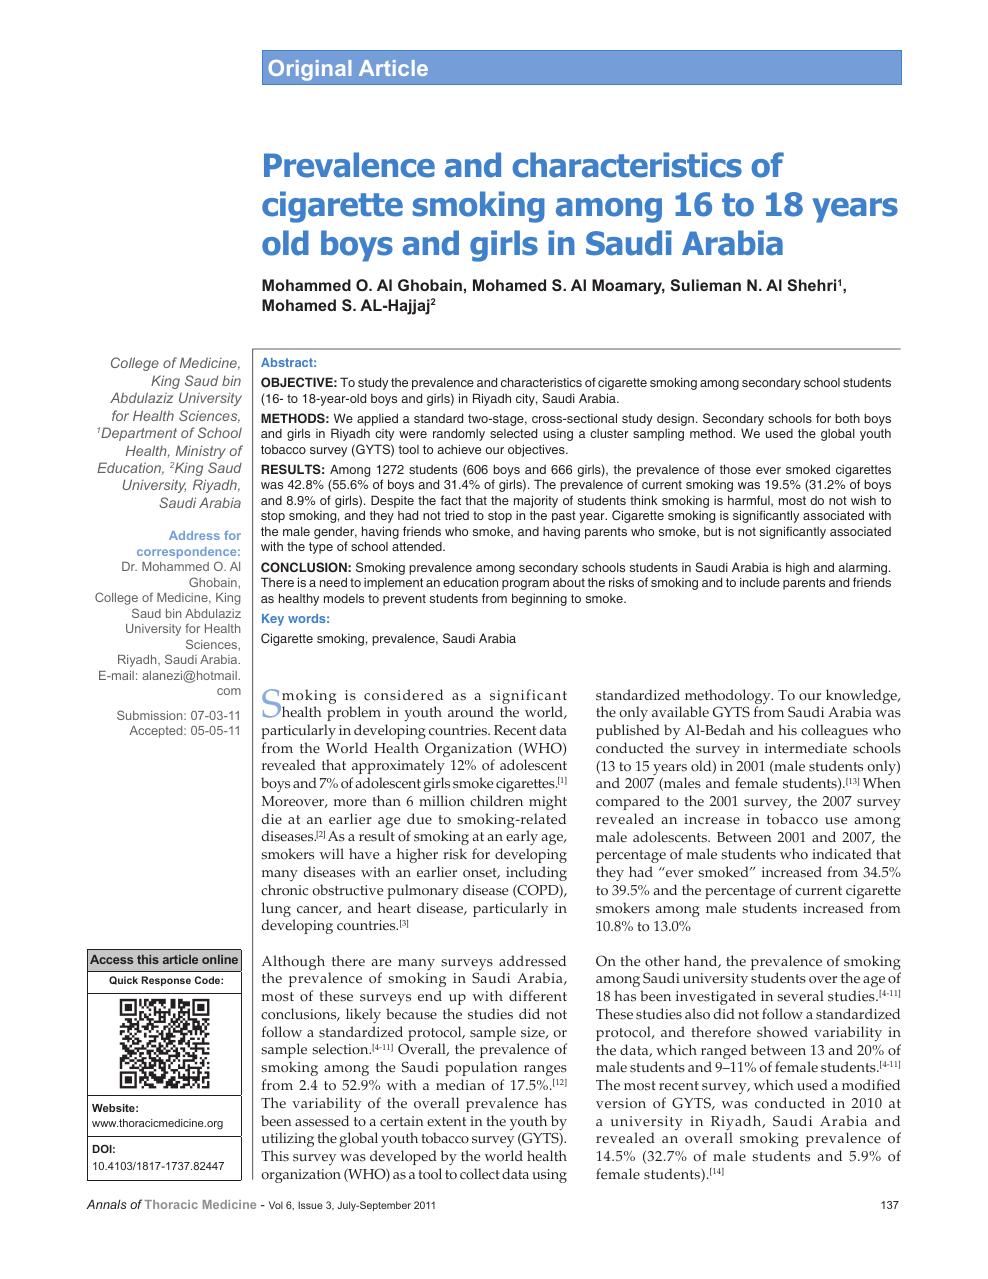 Prevalence and characteristics of cigarette smoking among 16